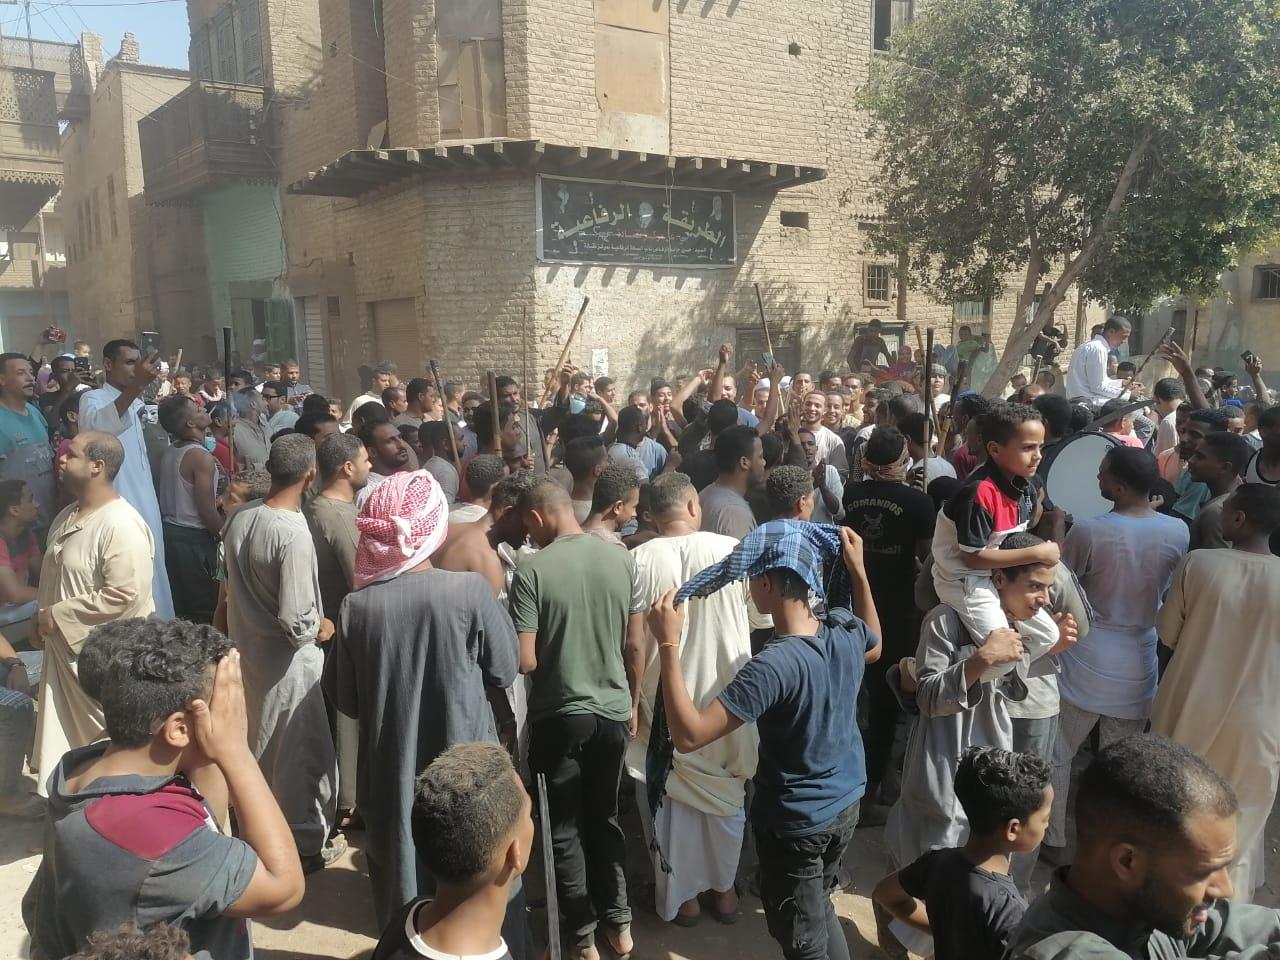 المئات من المسلمين والأقباط يحتفلون بالمولد النبوى (9)